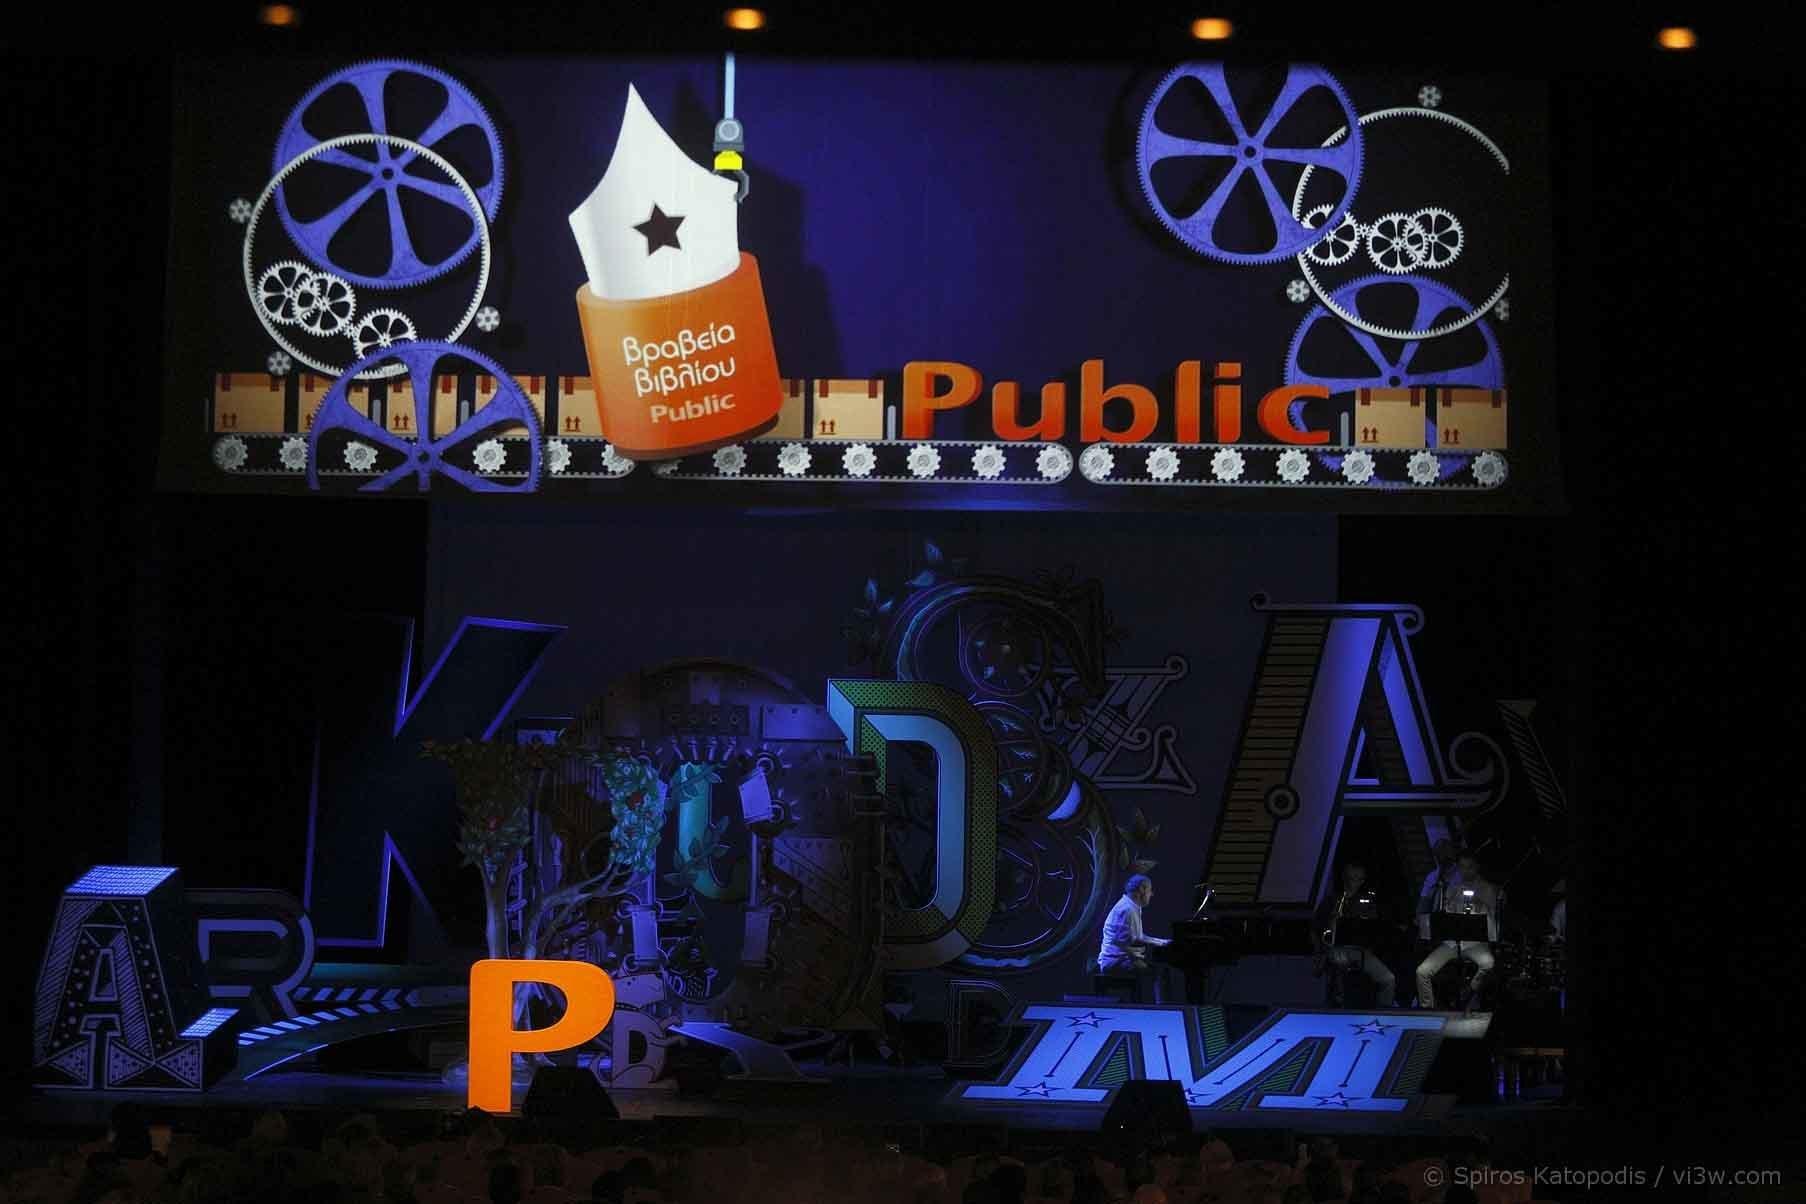 Αυτοί είναι οι νικητές των Βραβείων Βιβλίου Public